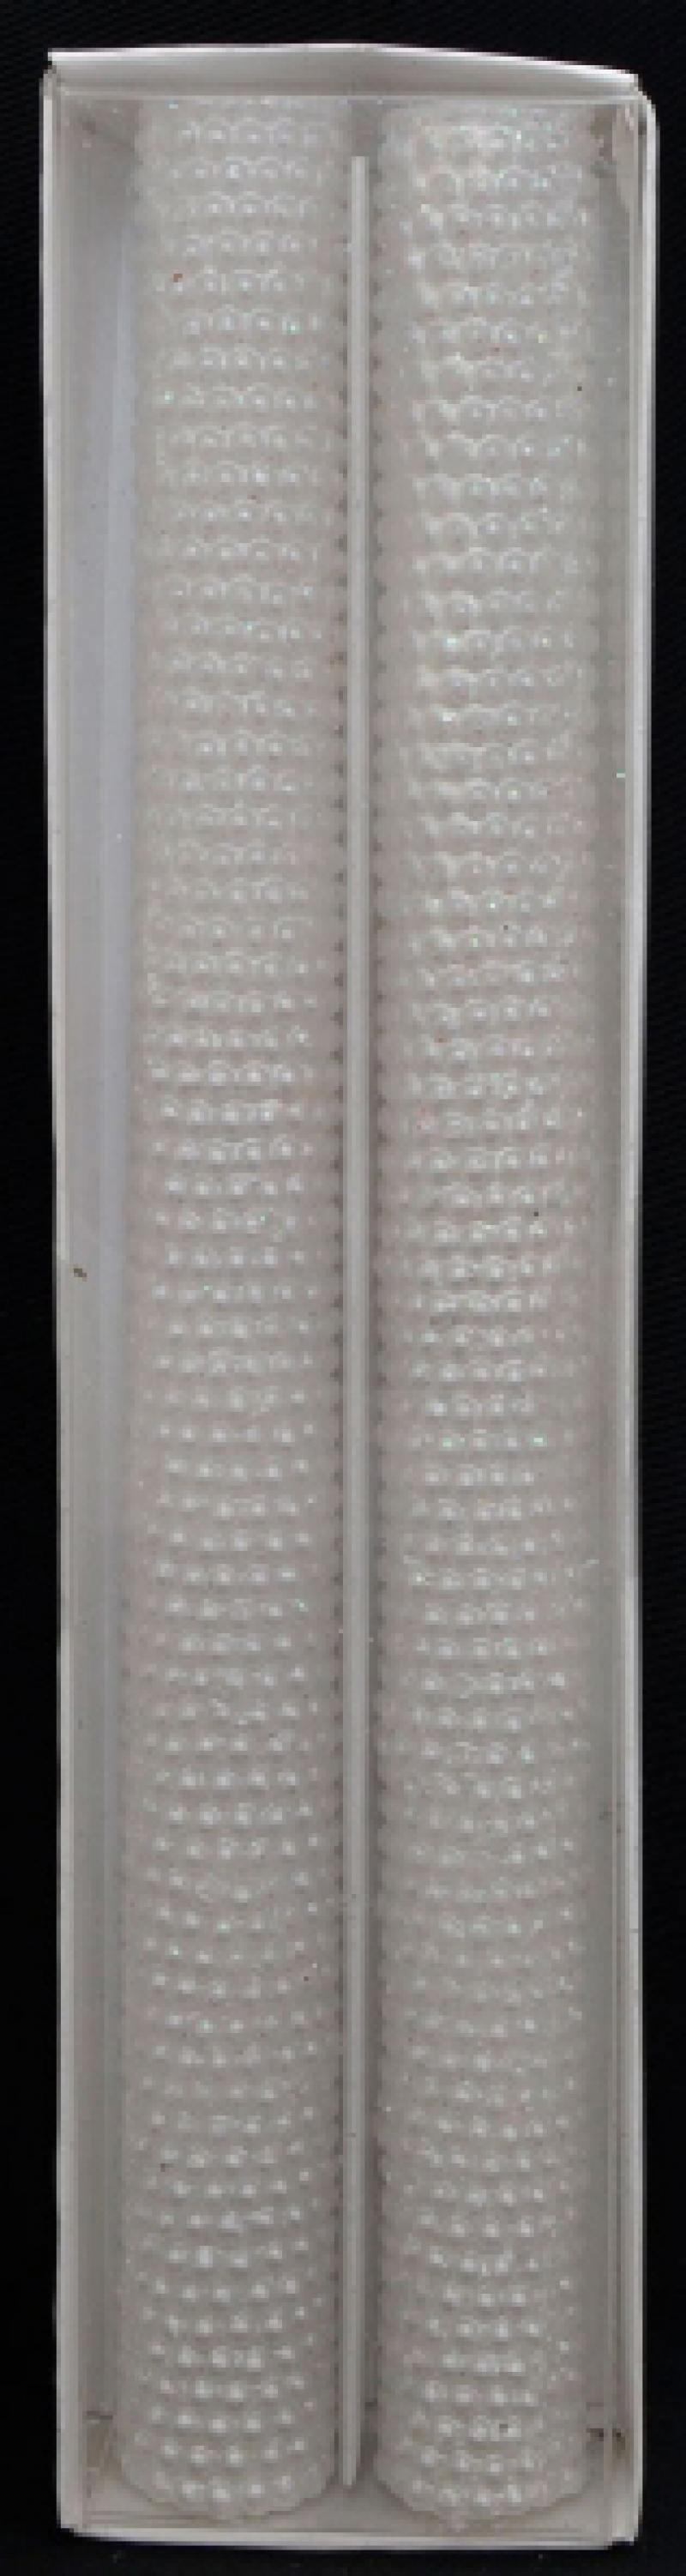 Набор свечей ЖЕМЧУГ, 2 шт, 2*24,5 см, в прозр кор, белый набор свечей win max жемчуг 32 х 2 см 2 шт 94710